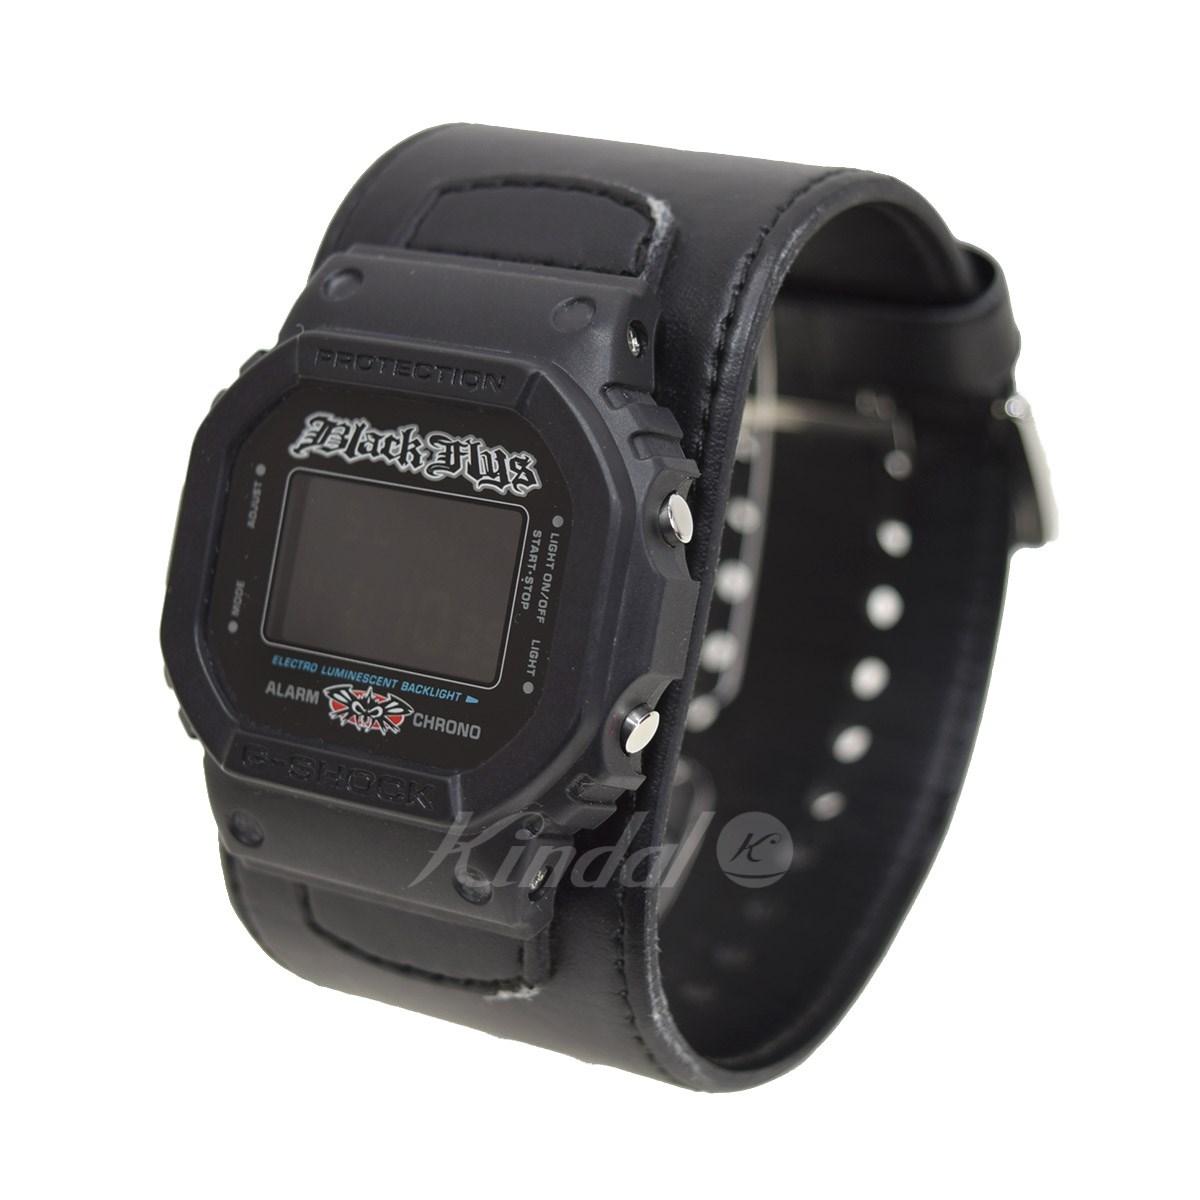 【中古】CASIO ×BlackFlys ブラックフライズ G-SHOCK 腕時計 DW-5600VTBFLY 【送料無料】 【000115】 【KIND1641】